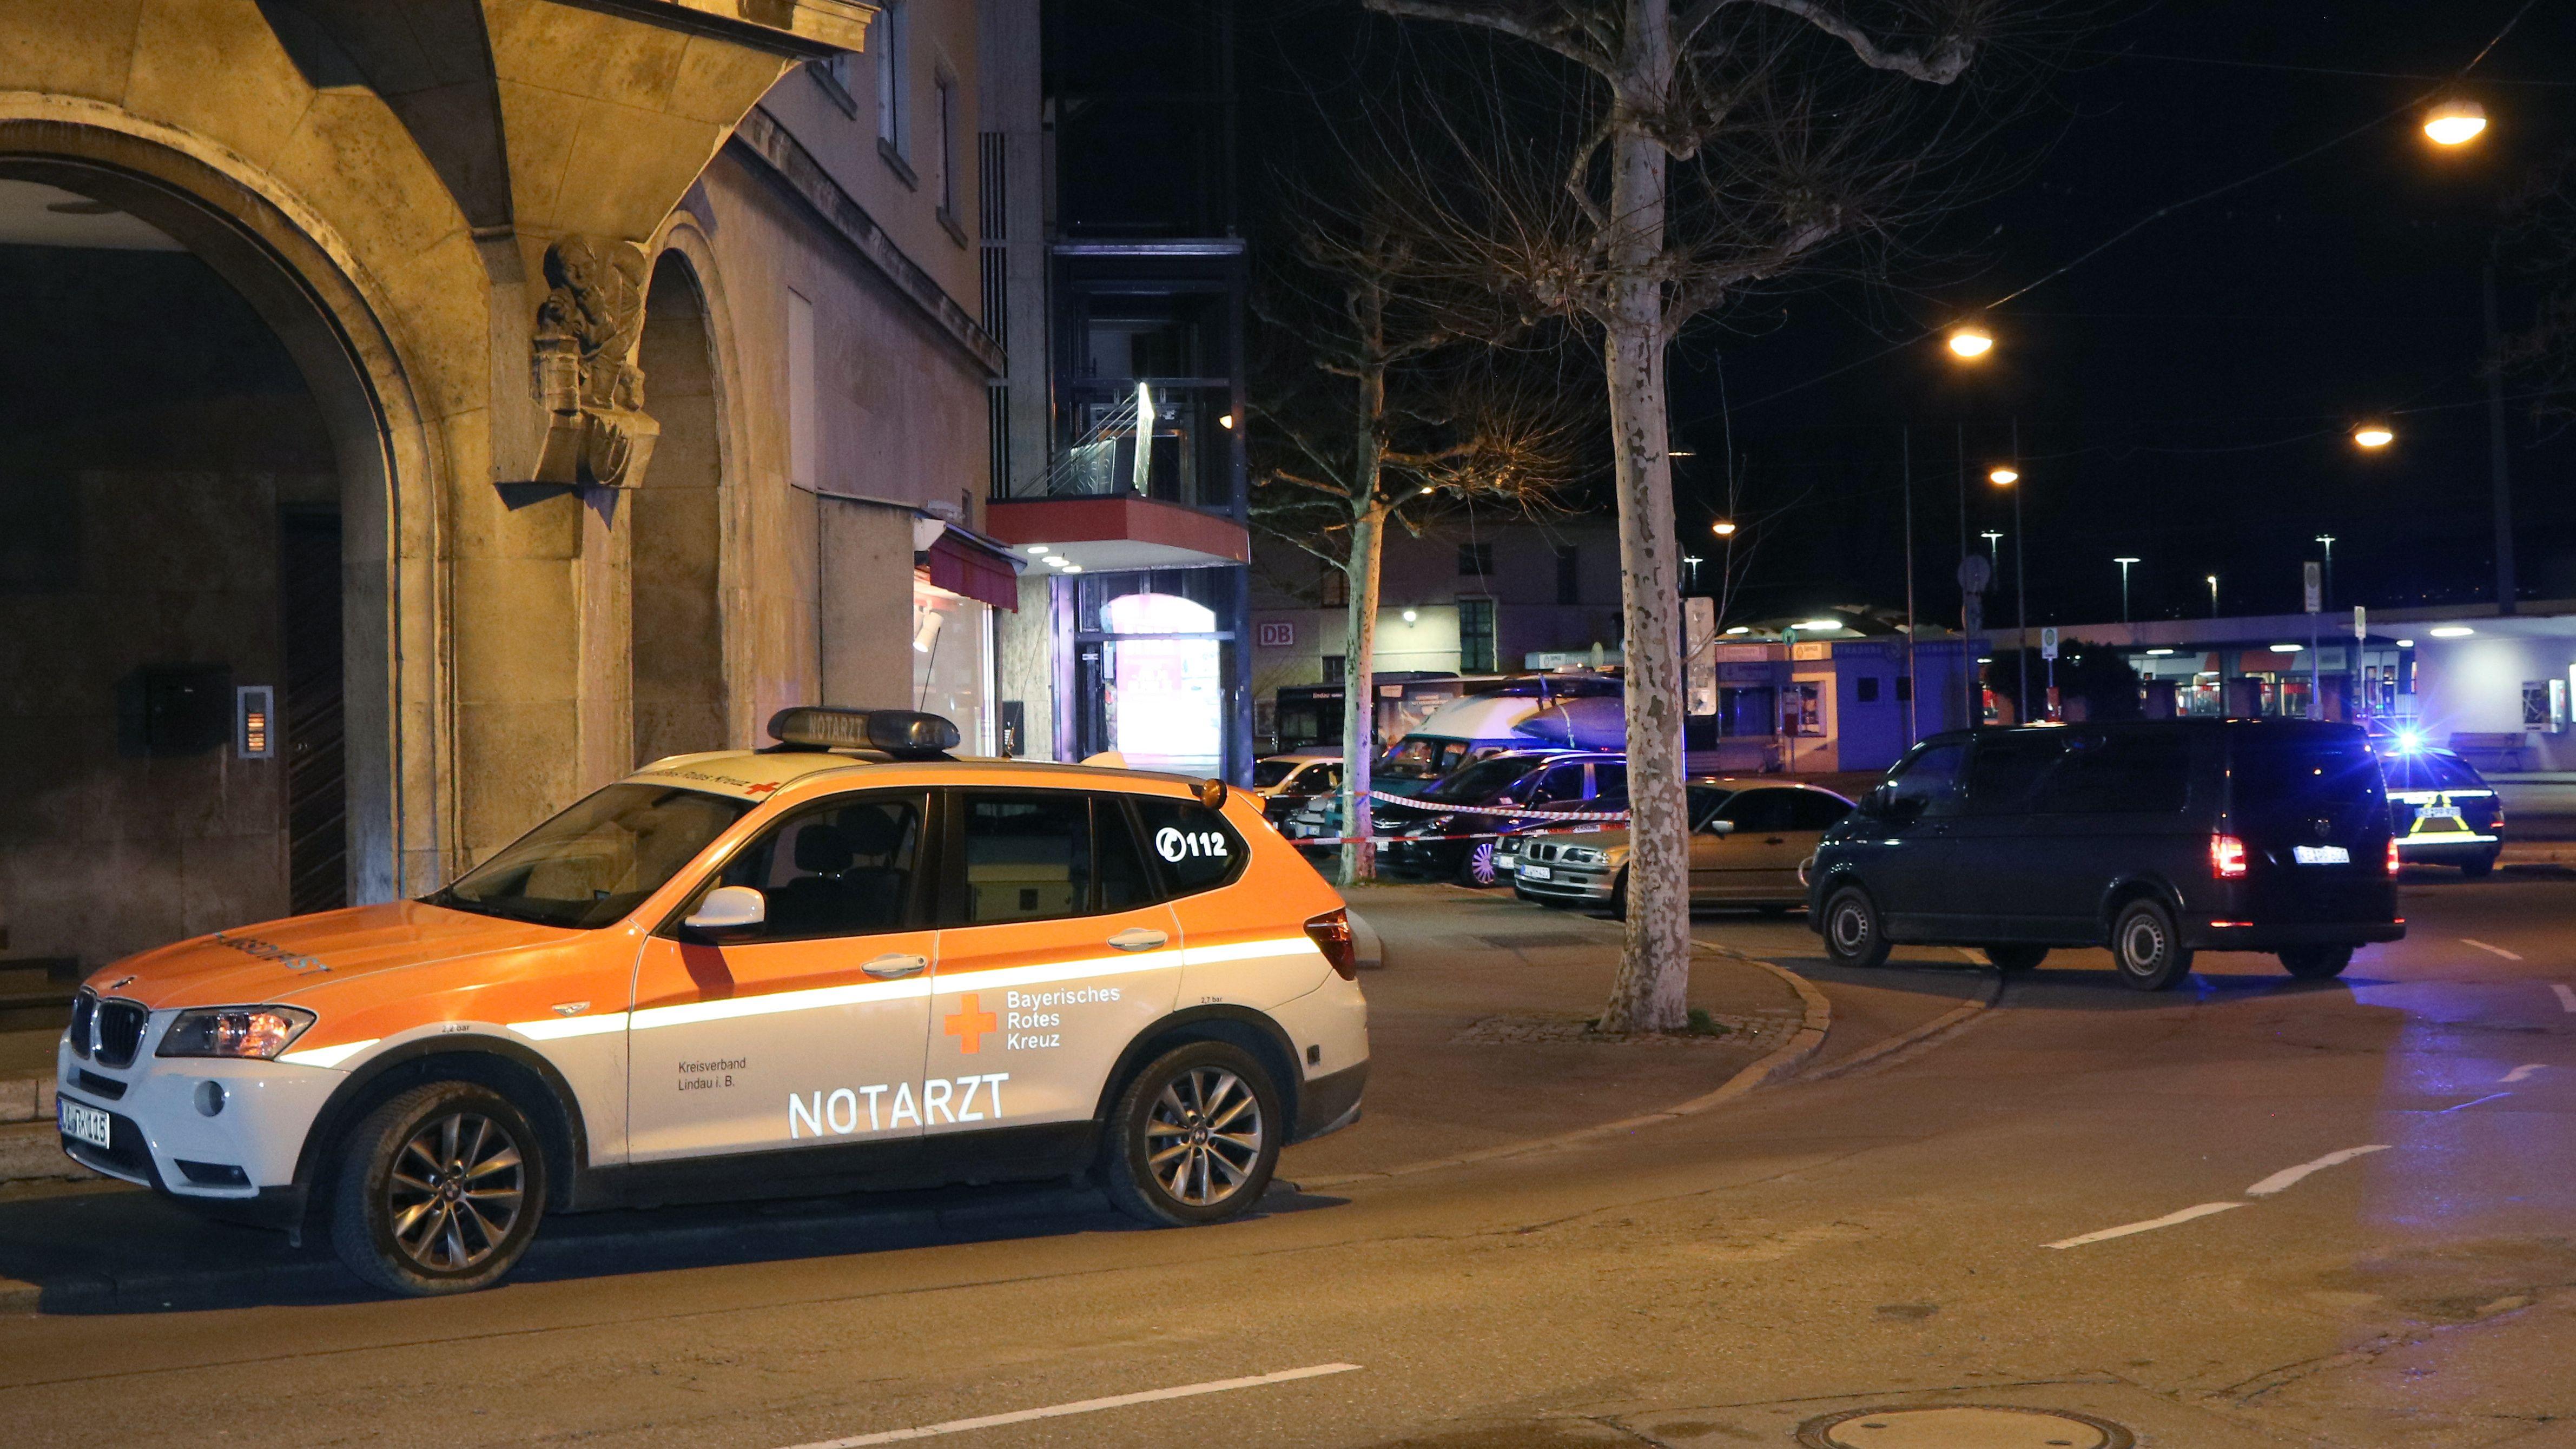 Fahrzeuge von Rettungsdienst und Polizei stehen an einer Einsatzstelle in Lindau. In einem Hotel in Lindau am Bodensee ist ein Mensch gestorben.